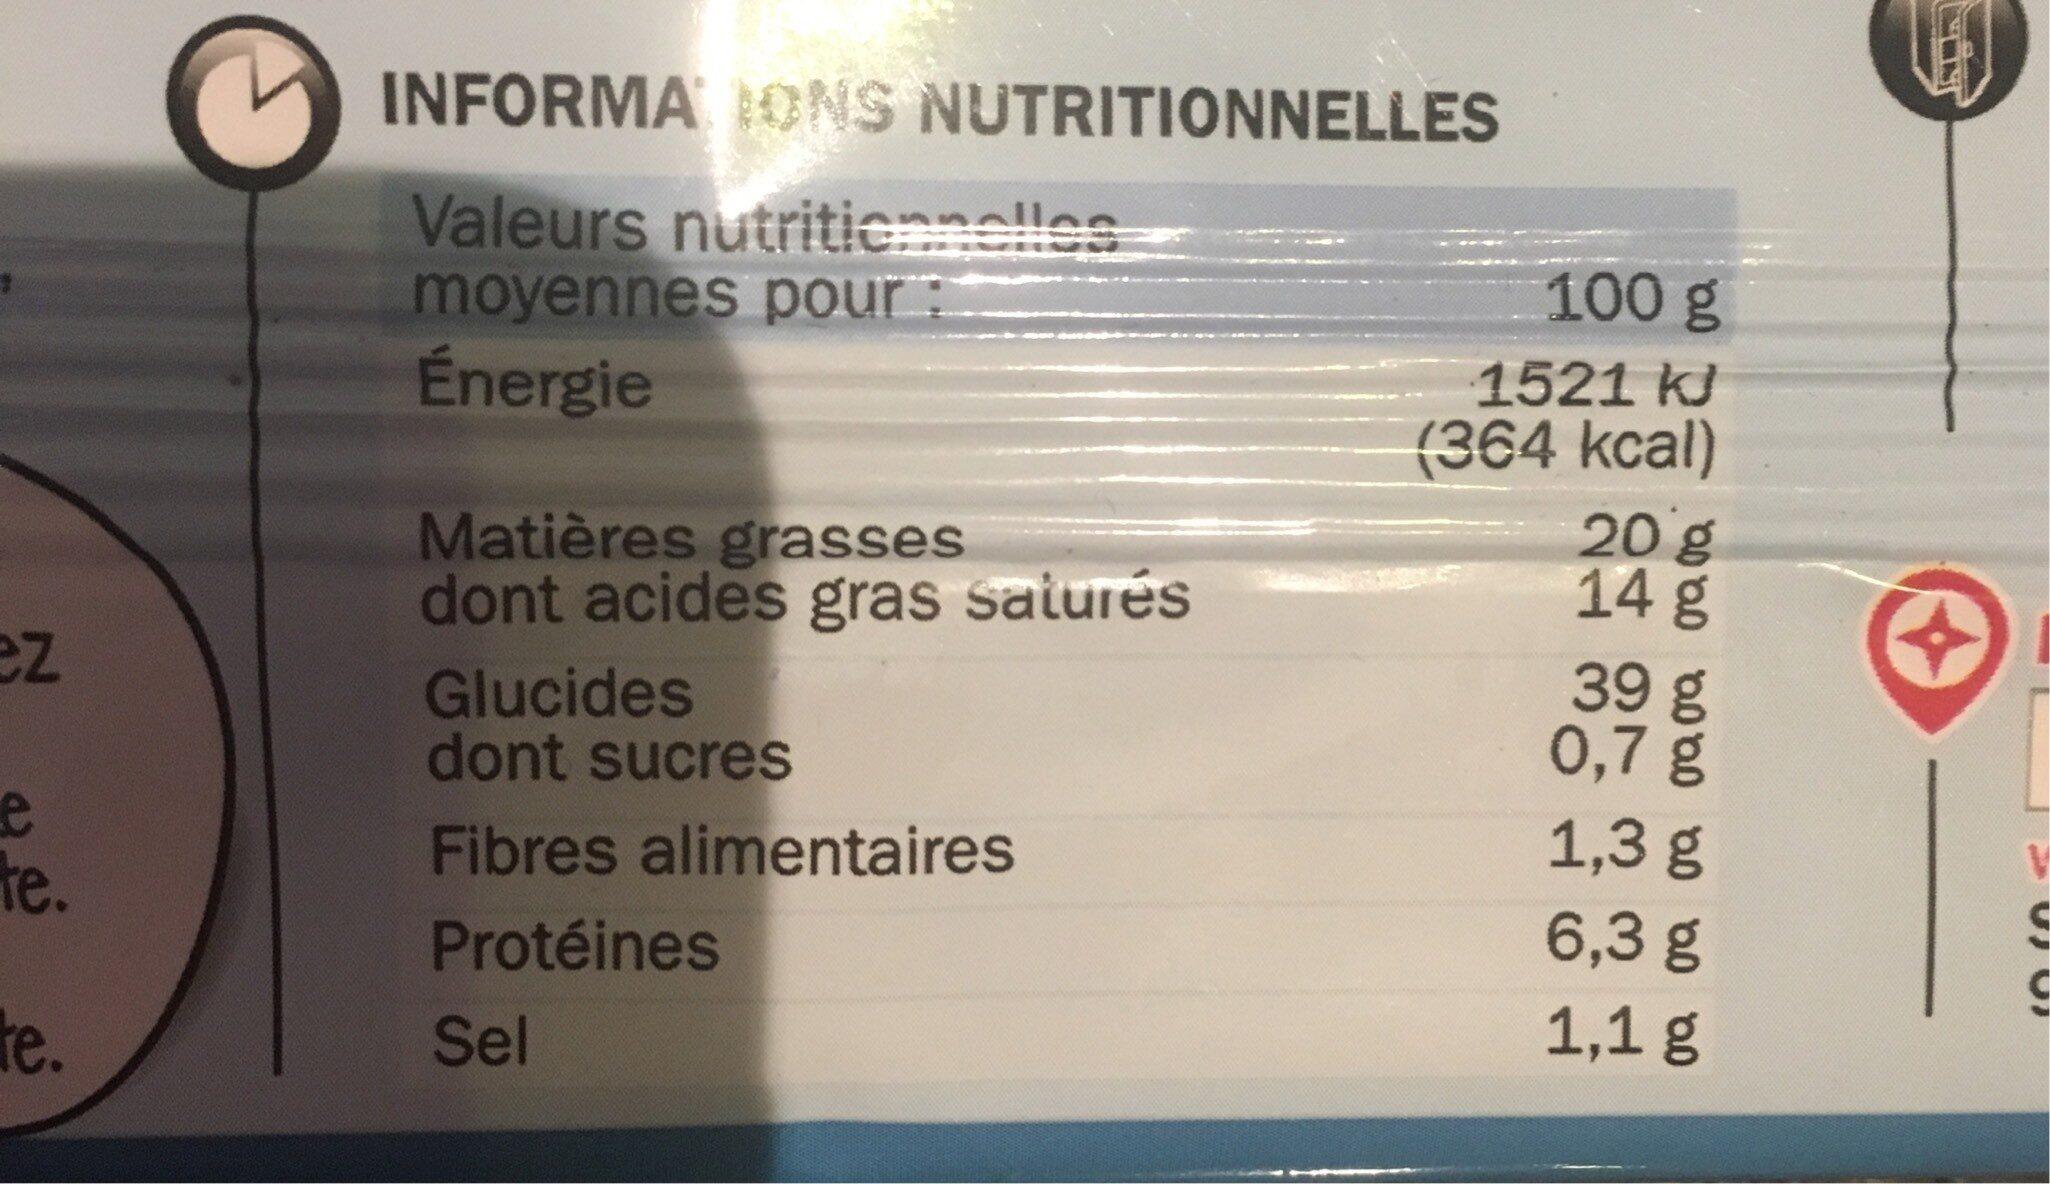 Pâte feuilletée pur beurre - Nutrition facts - fr